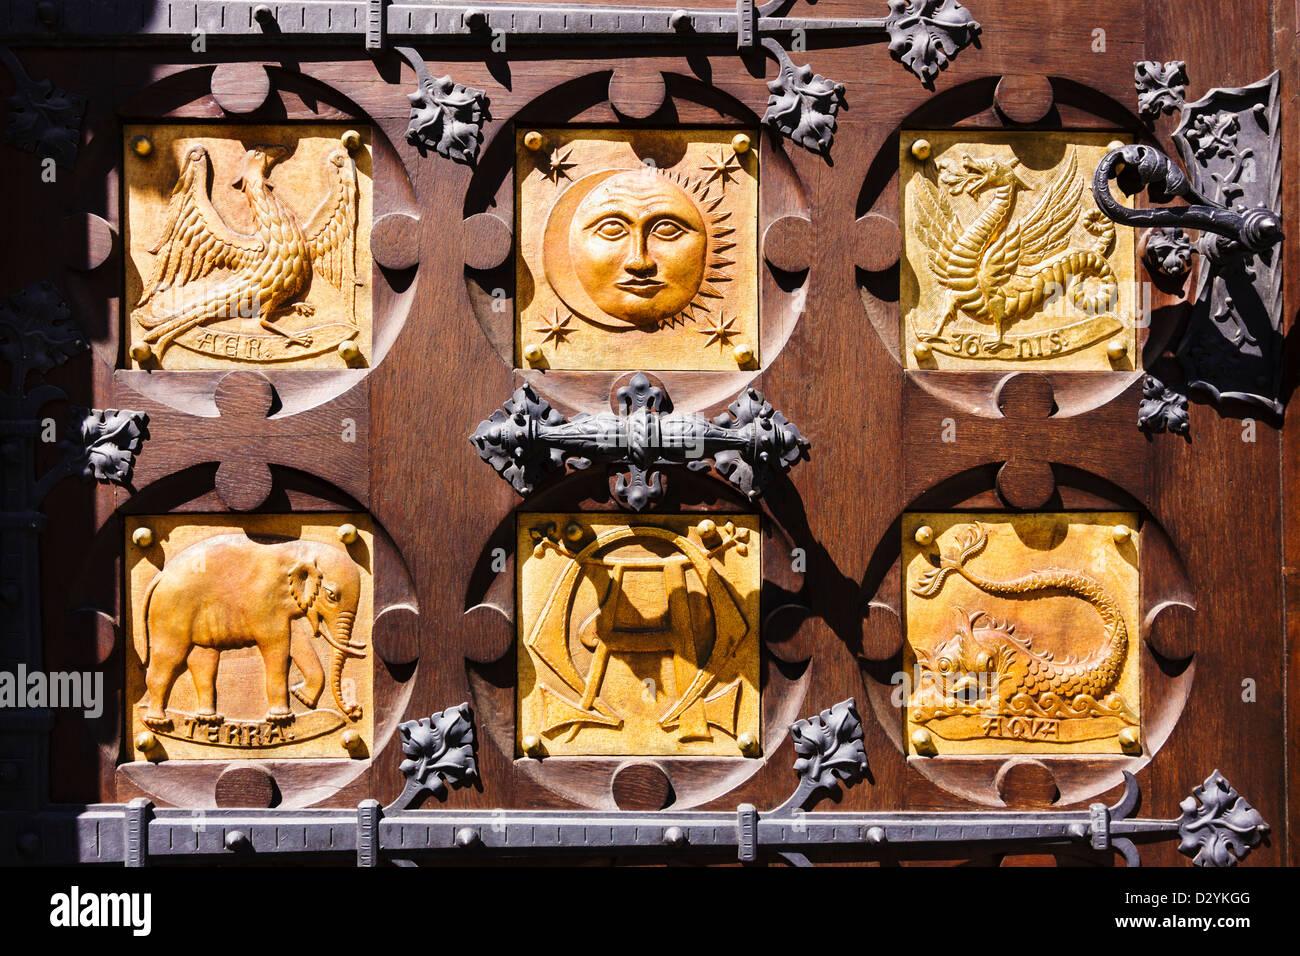 Elementi classici intagli alle porte dell Abbazia di San Tommaso, dove Gregor Mendel ha stabilito la genetica moderna. Immagini Stock